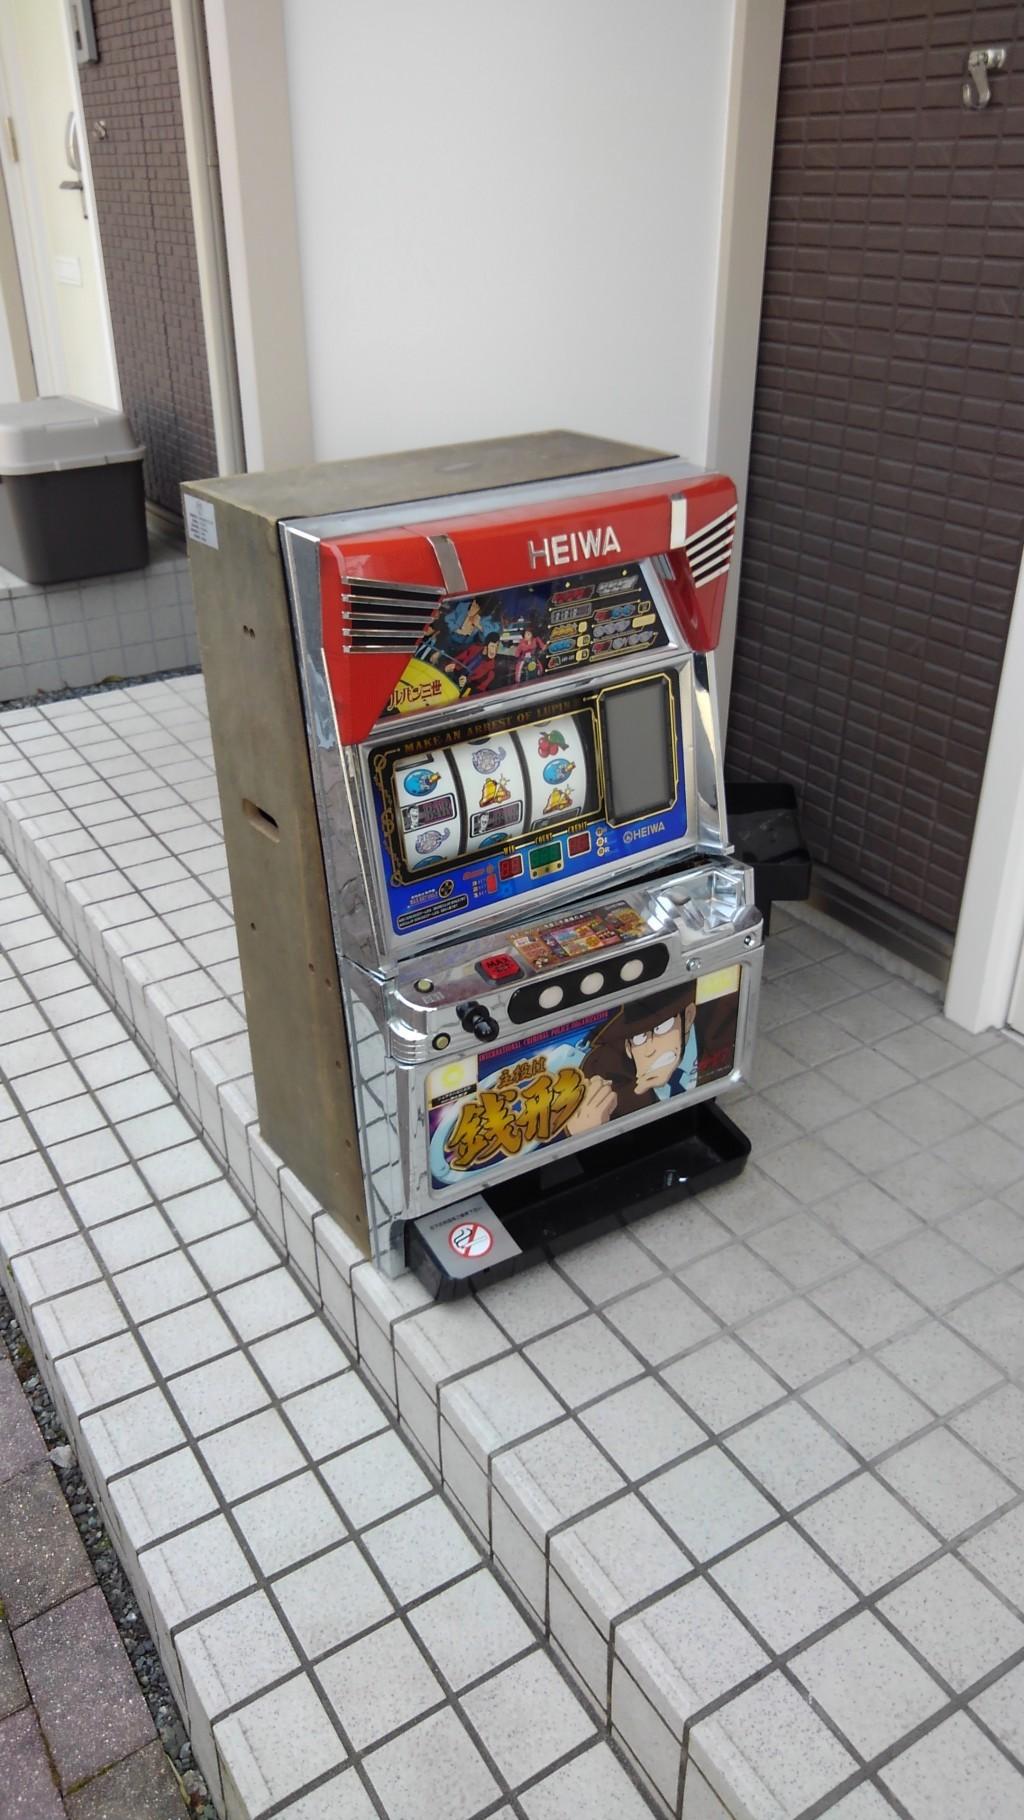 【富士宮市】パチスロ機の回収☆スタッフの迅速な対応に大変満足していただきました!